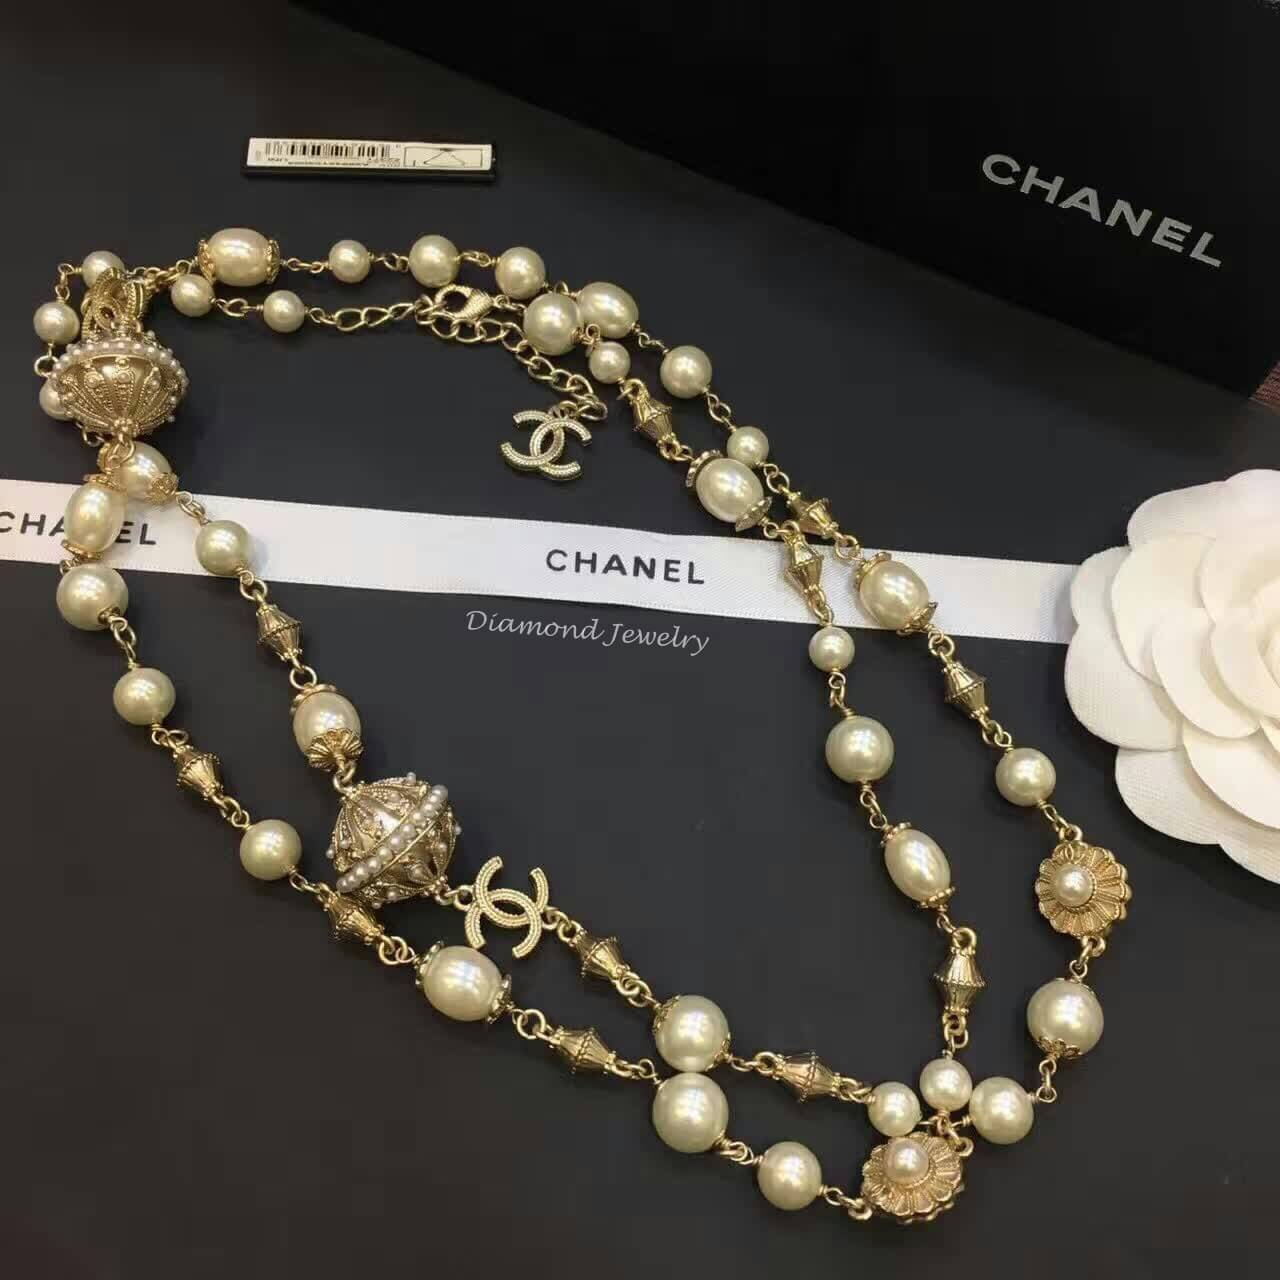 พร้อมส่ง สร้อยคอ Chanel งานประดับมุก ดูหรูหรา มีระดับ